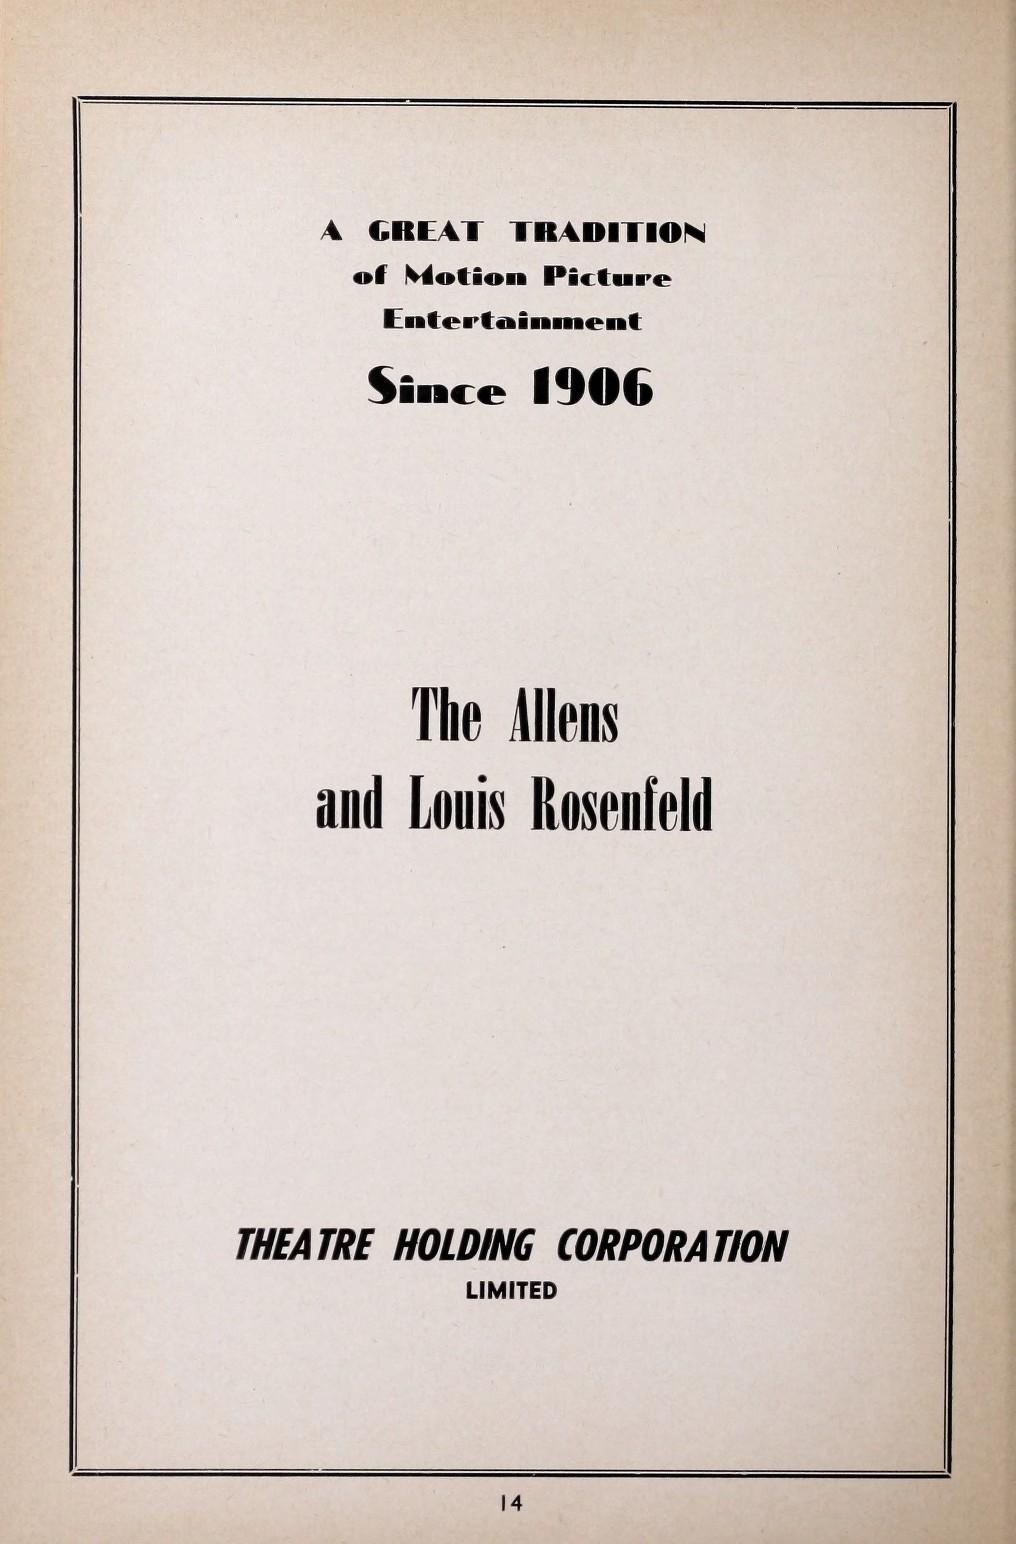 196061yearbookca00film_jp2.zip&file=196061yearbookca00film_jp2%2f196061yearbookca00film_0016